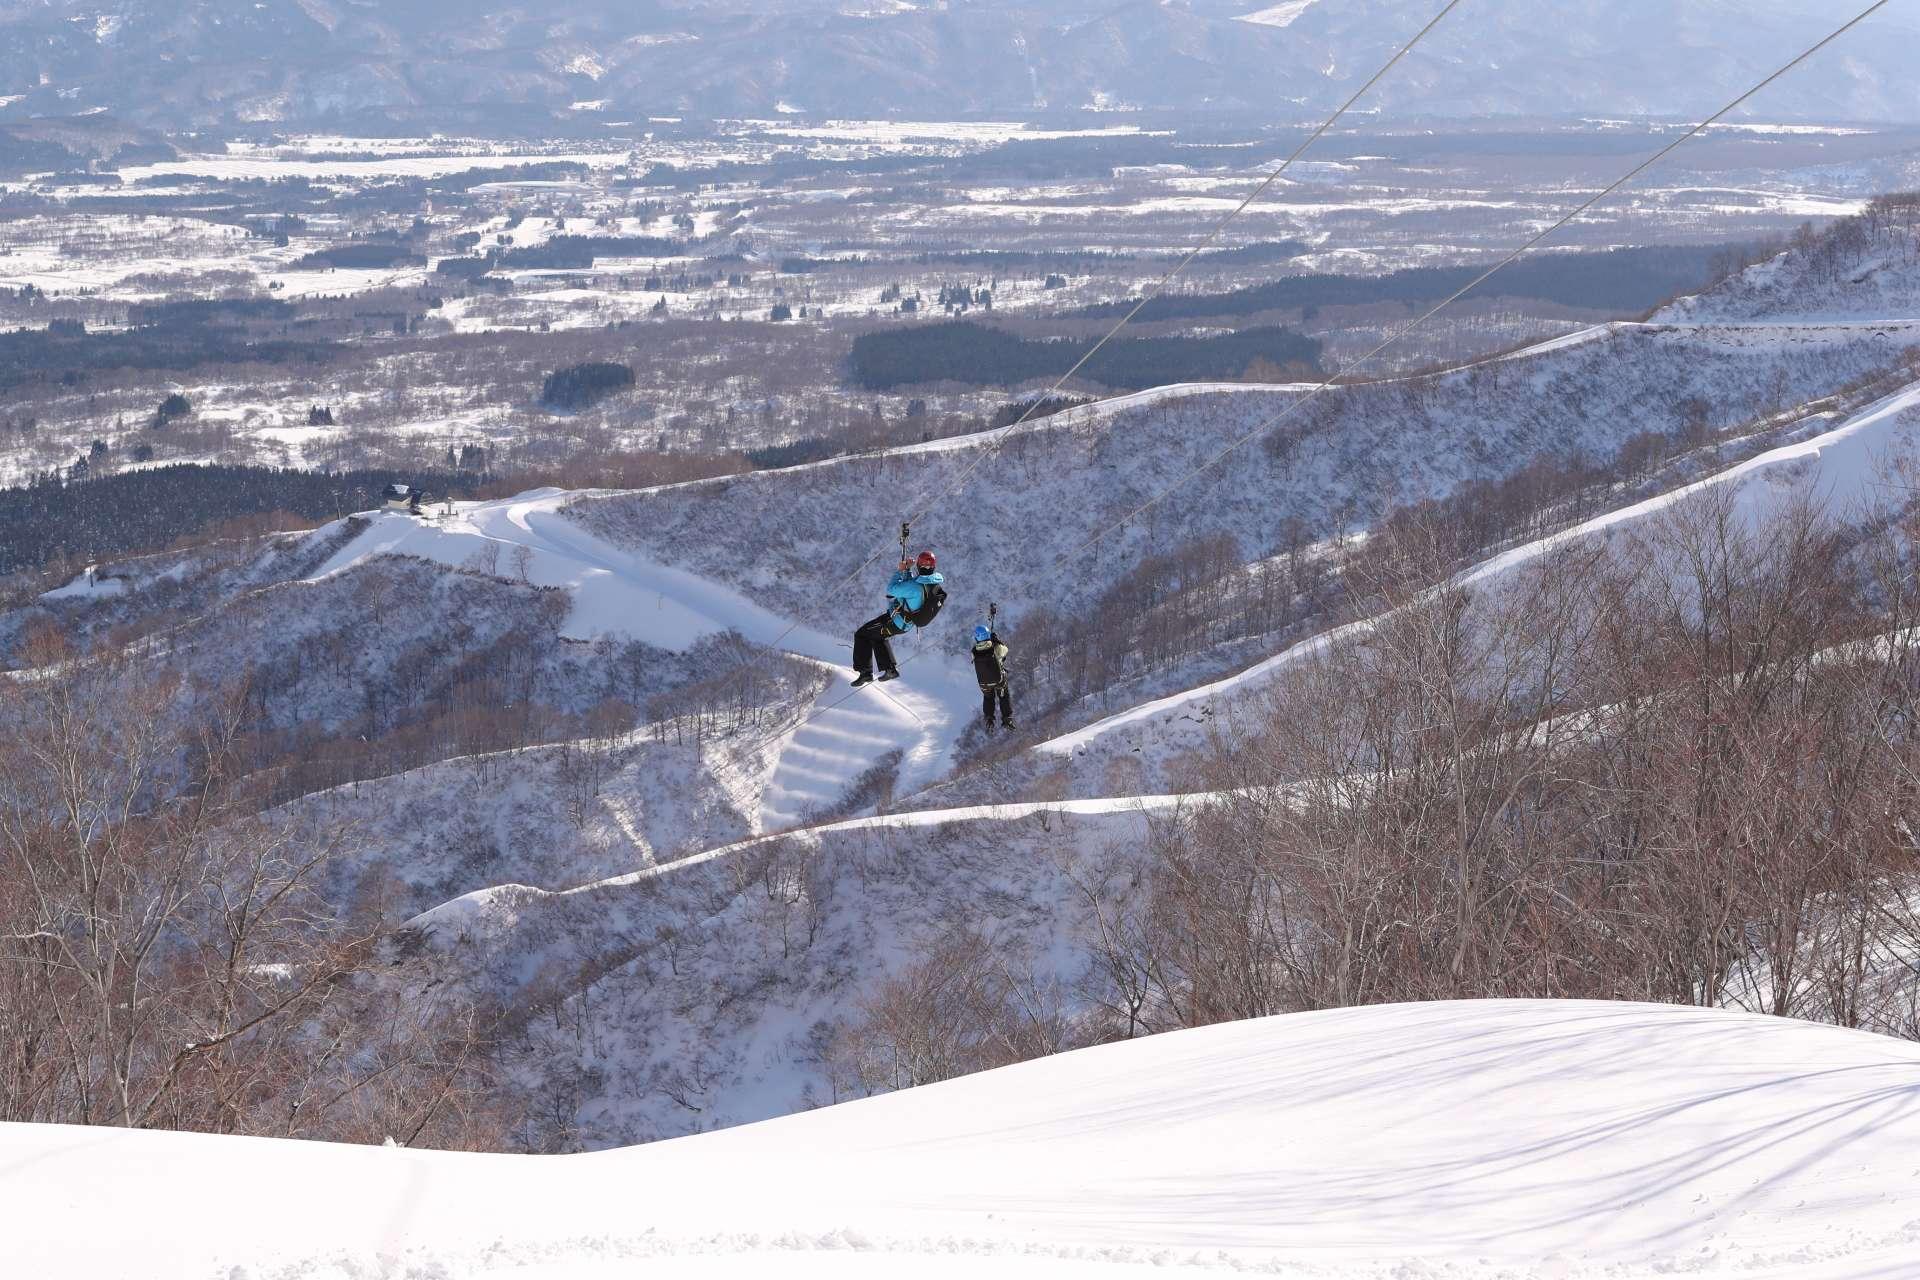 體驗滑行索道,飽覽大自然的壯麗景色